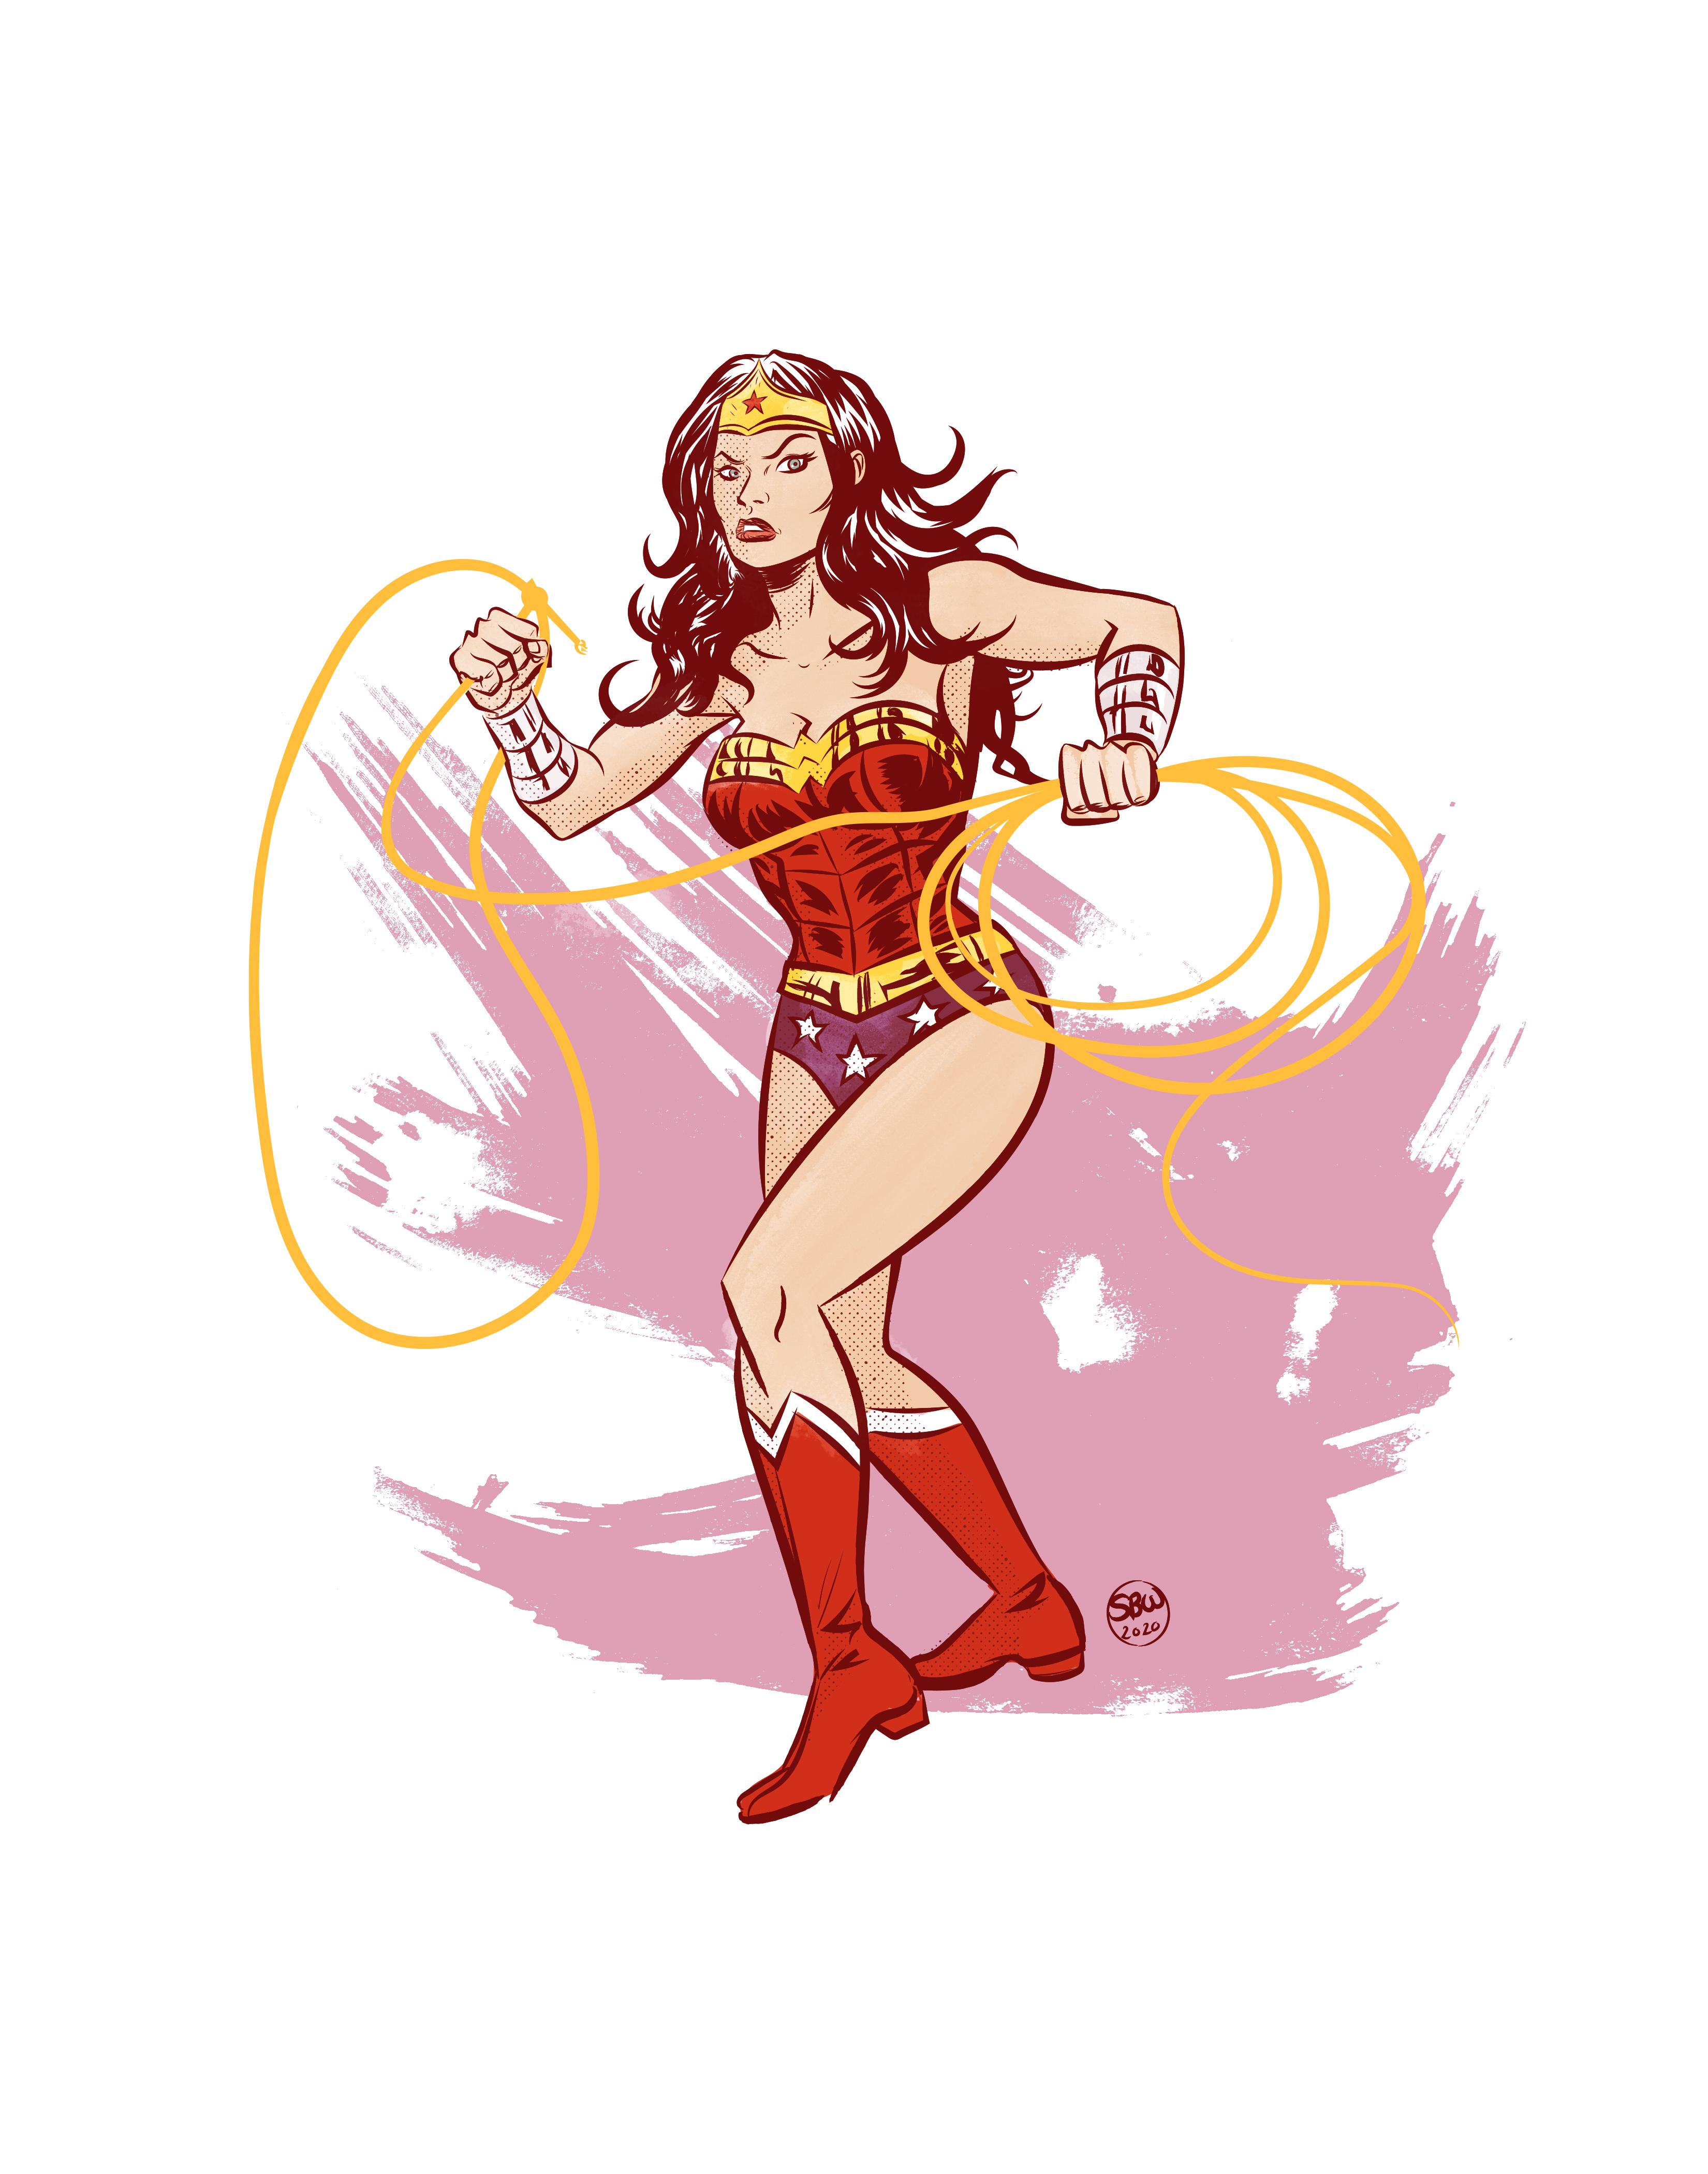 Wonder_woman_2_11x14_FA